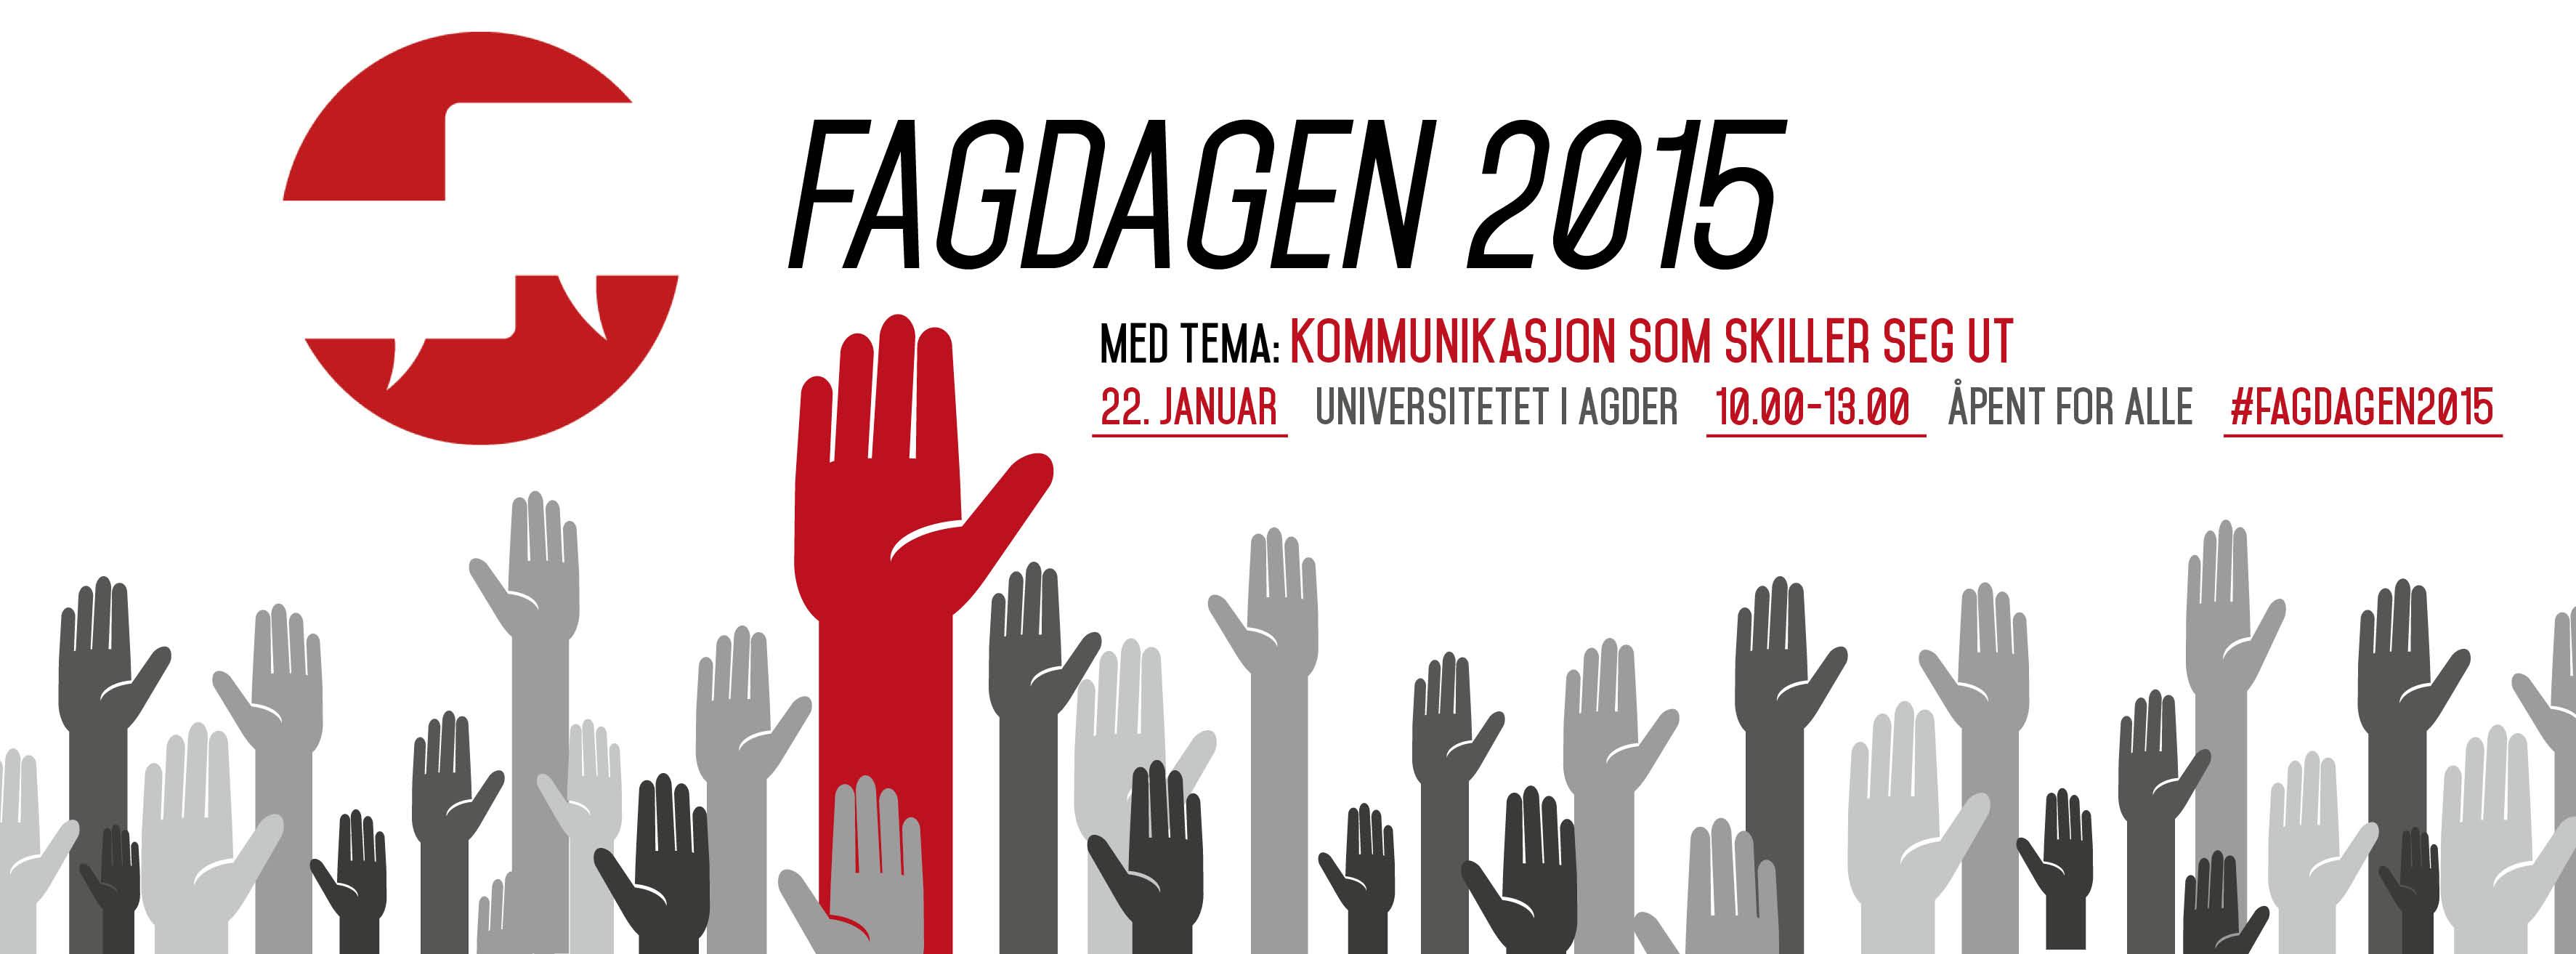 FAGDAGEN 2015